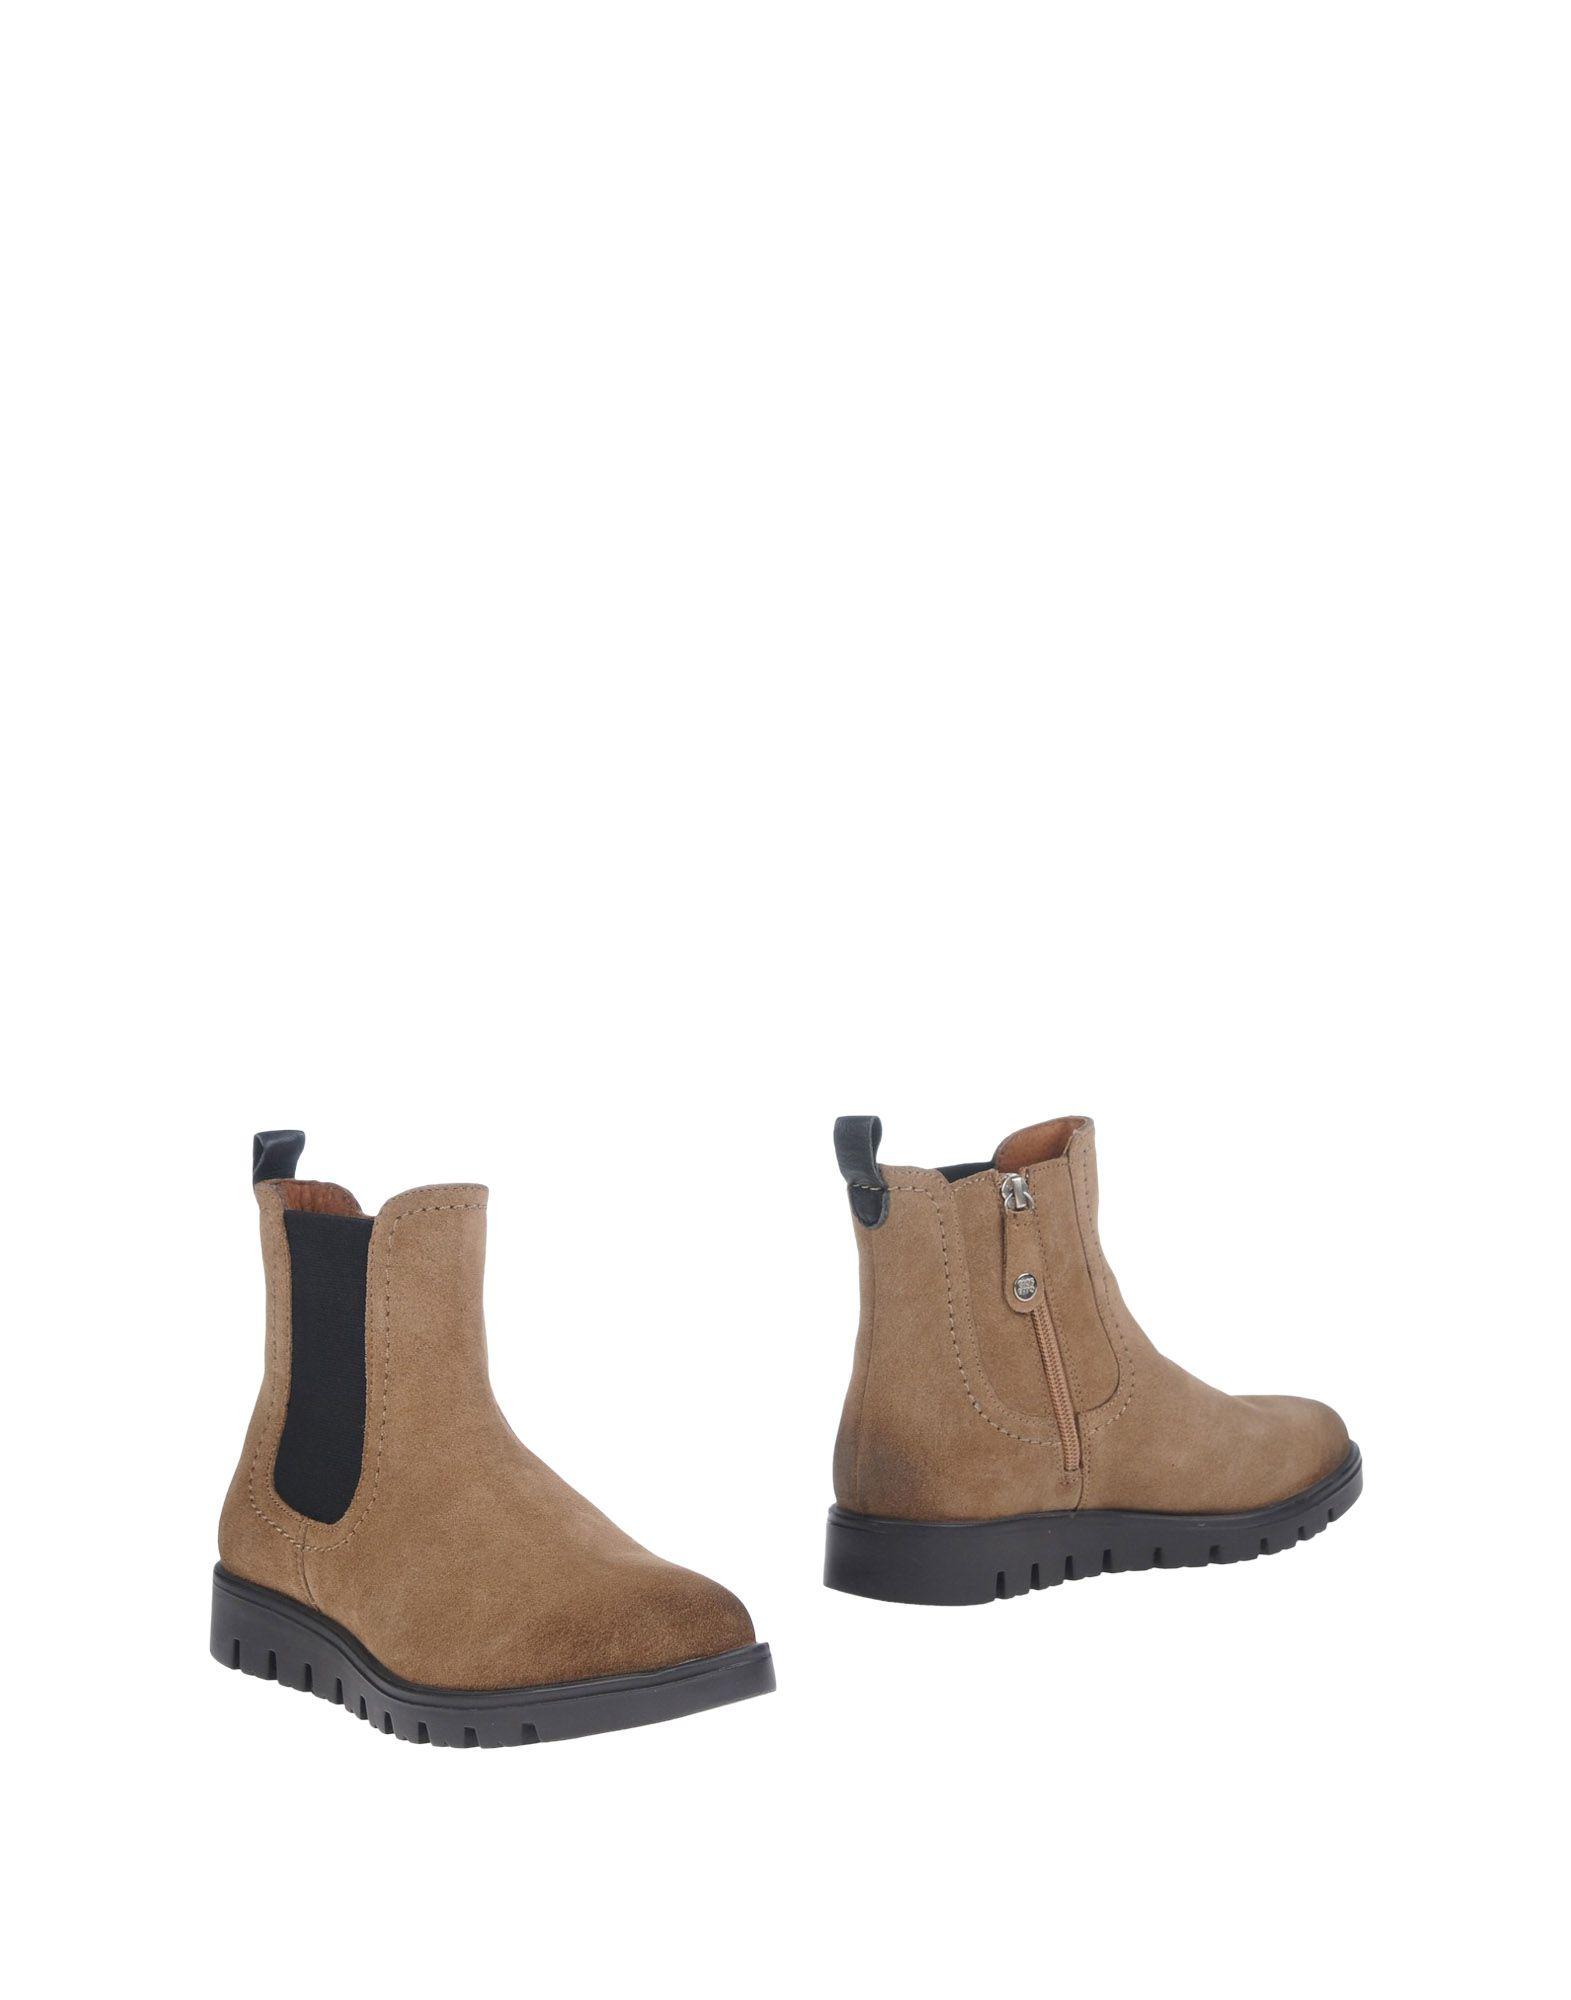 Gioseppo Chelsea Stiefel Stiefel Stiefel Damen Gutes Preis-Leistungs-Verhältnis, es lohnt sich 976045